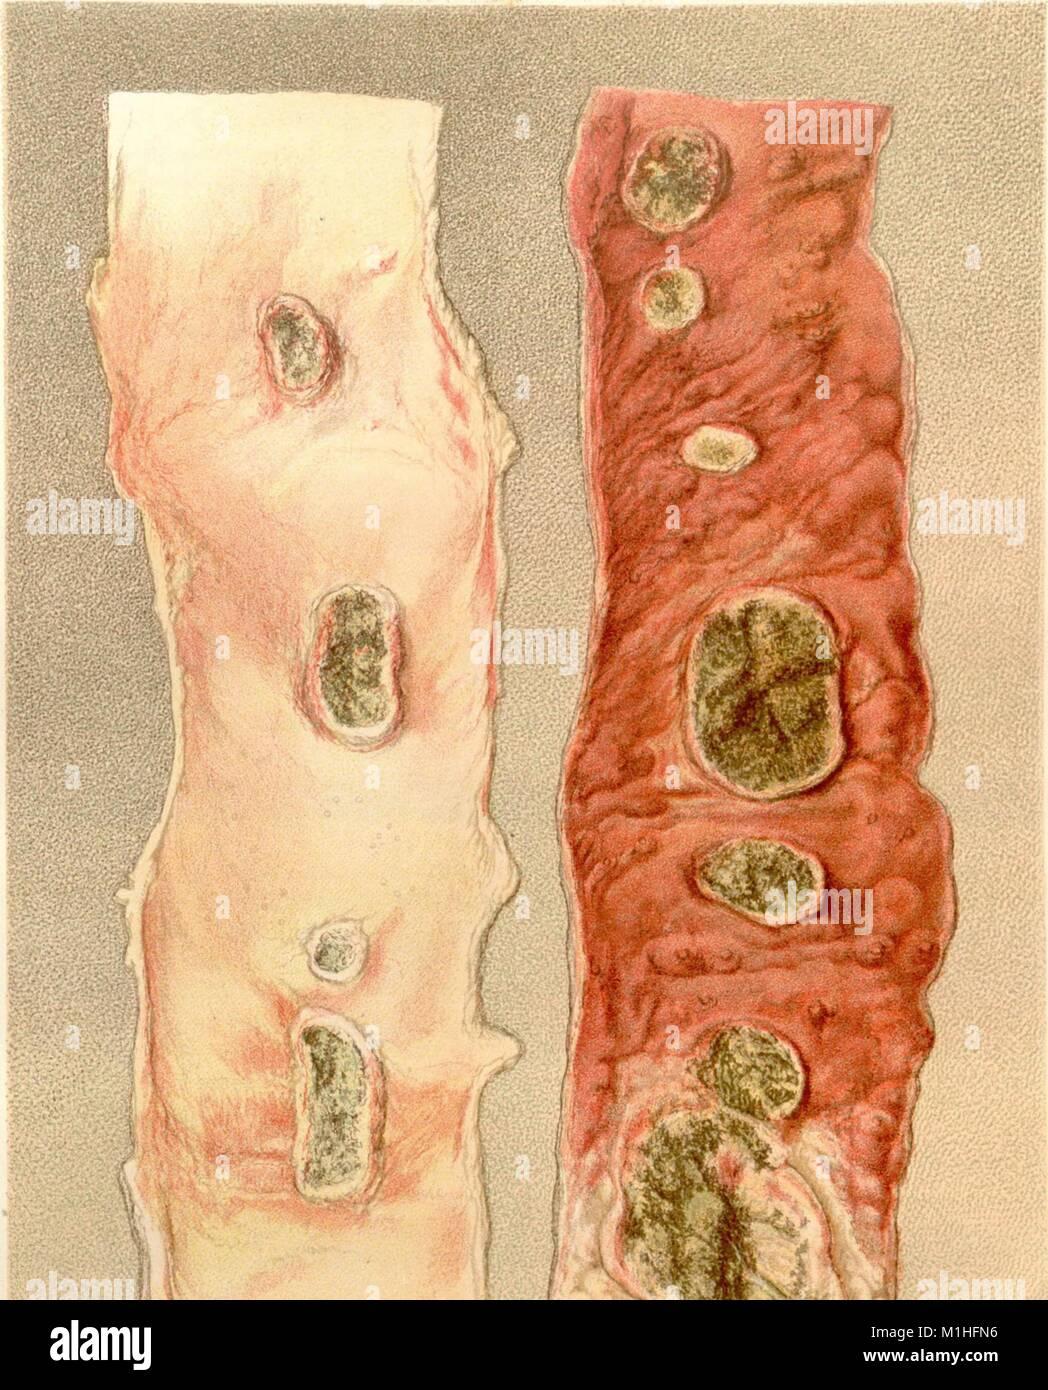 Ilustración en color representando inducida por fiebre tifoidea ...